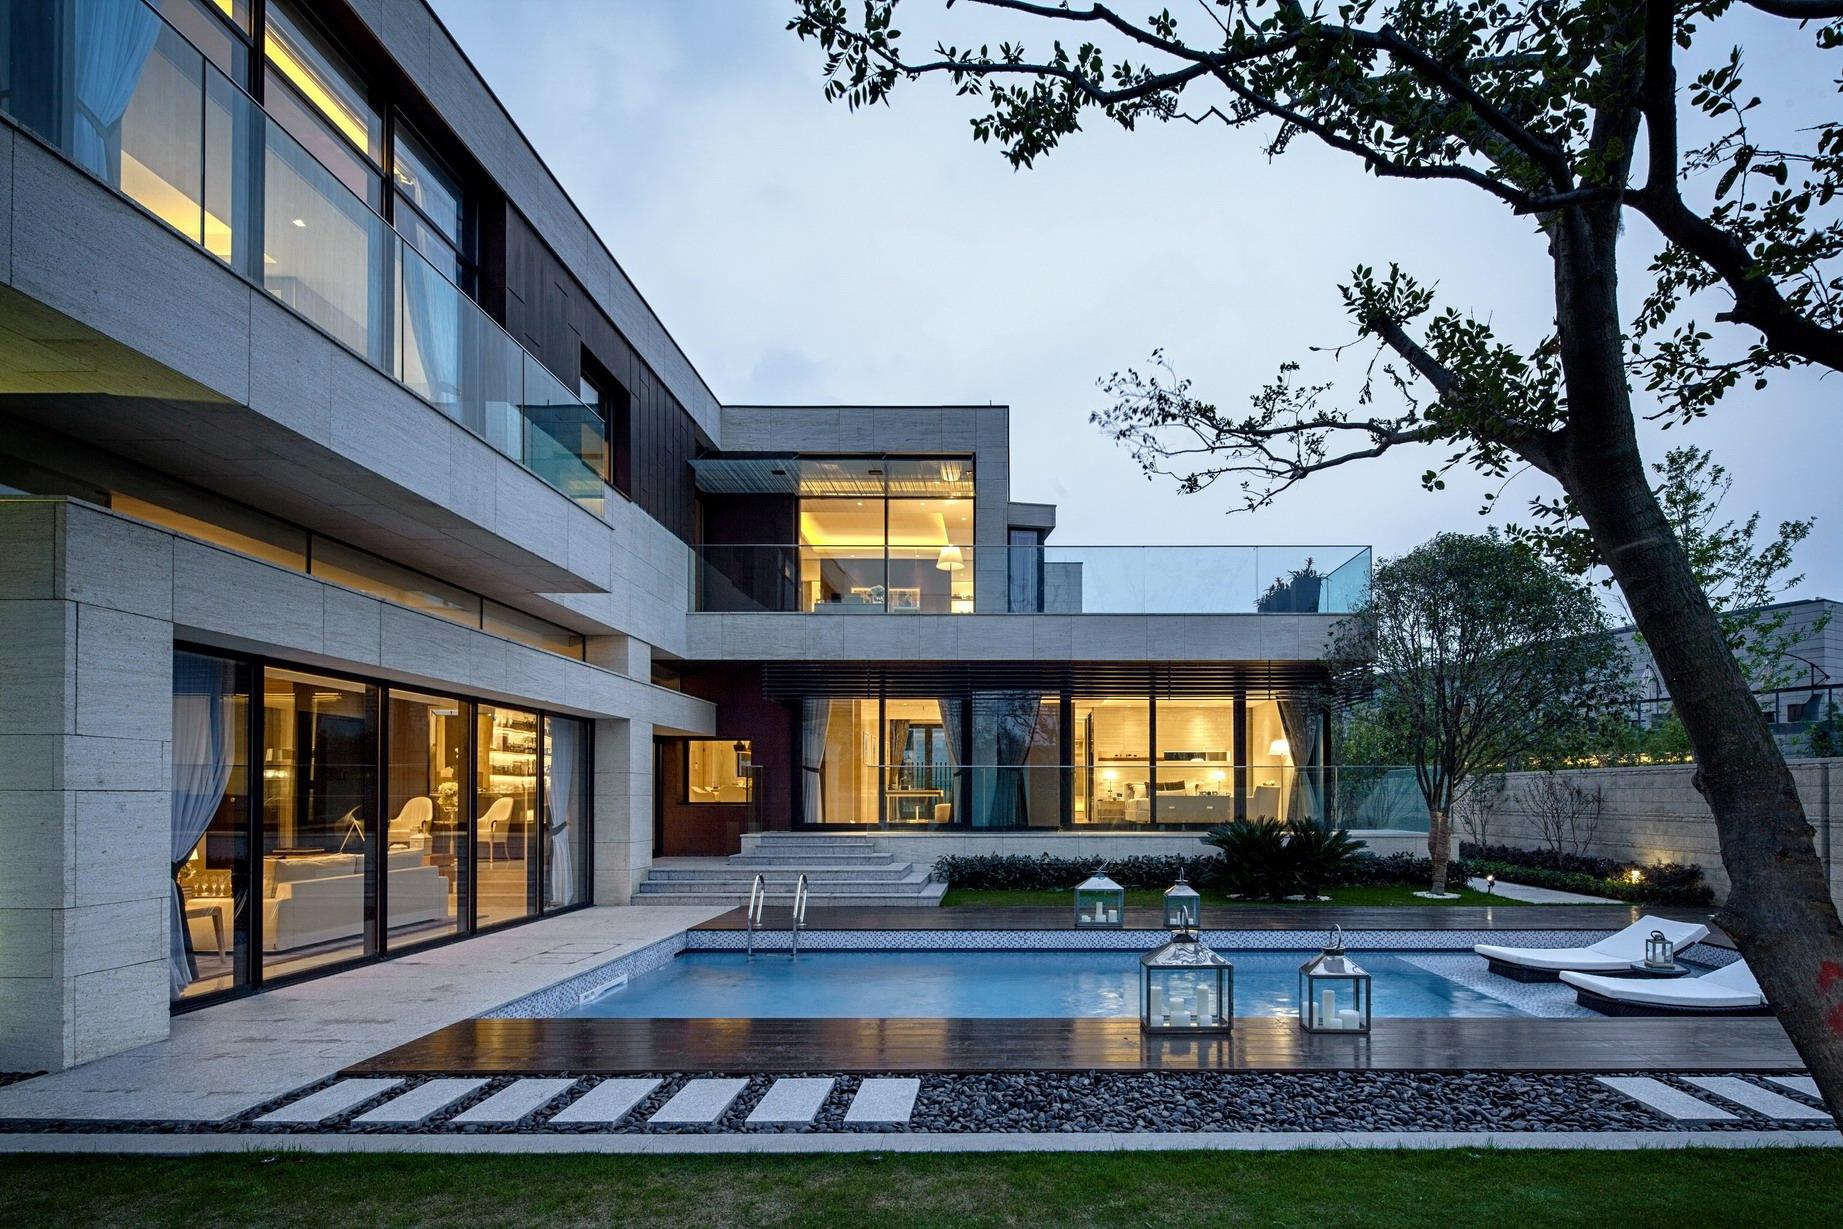 lacime architecture design